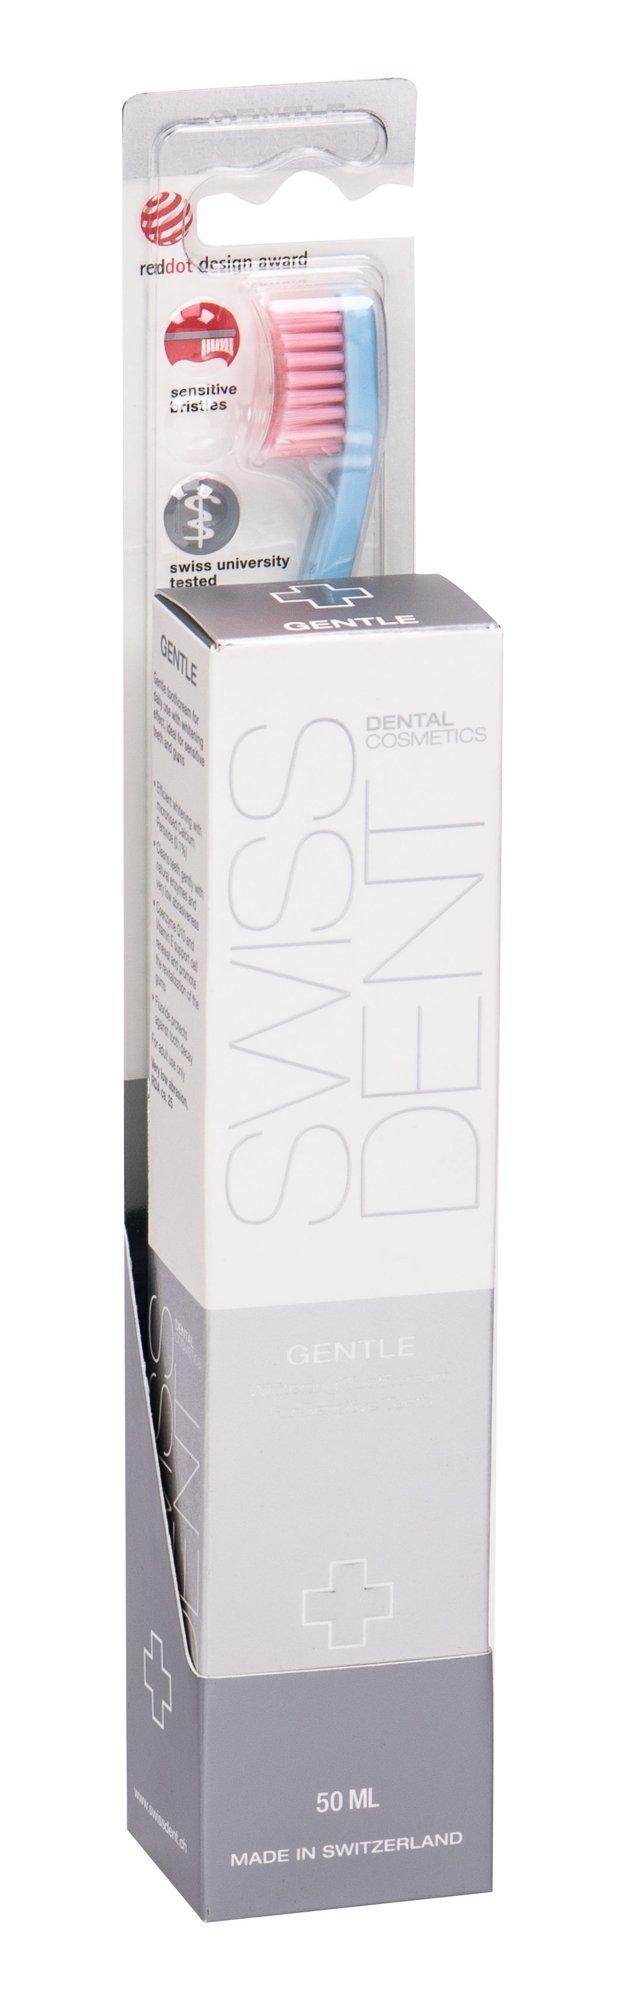 Swissdent Gentle Toothpaste 50ml